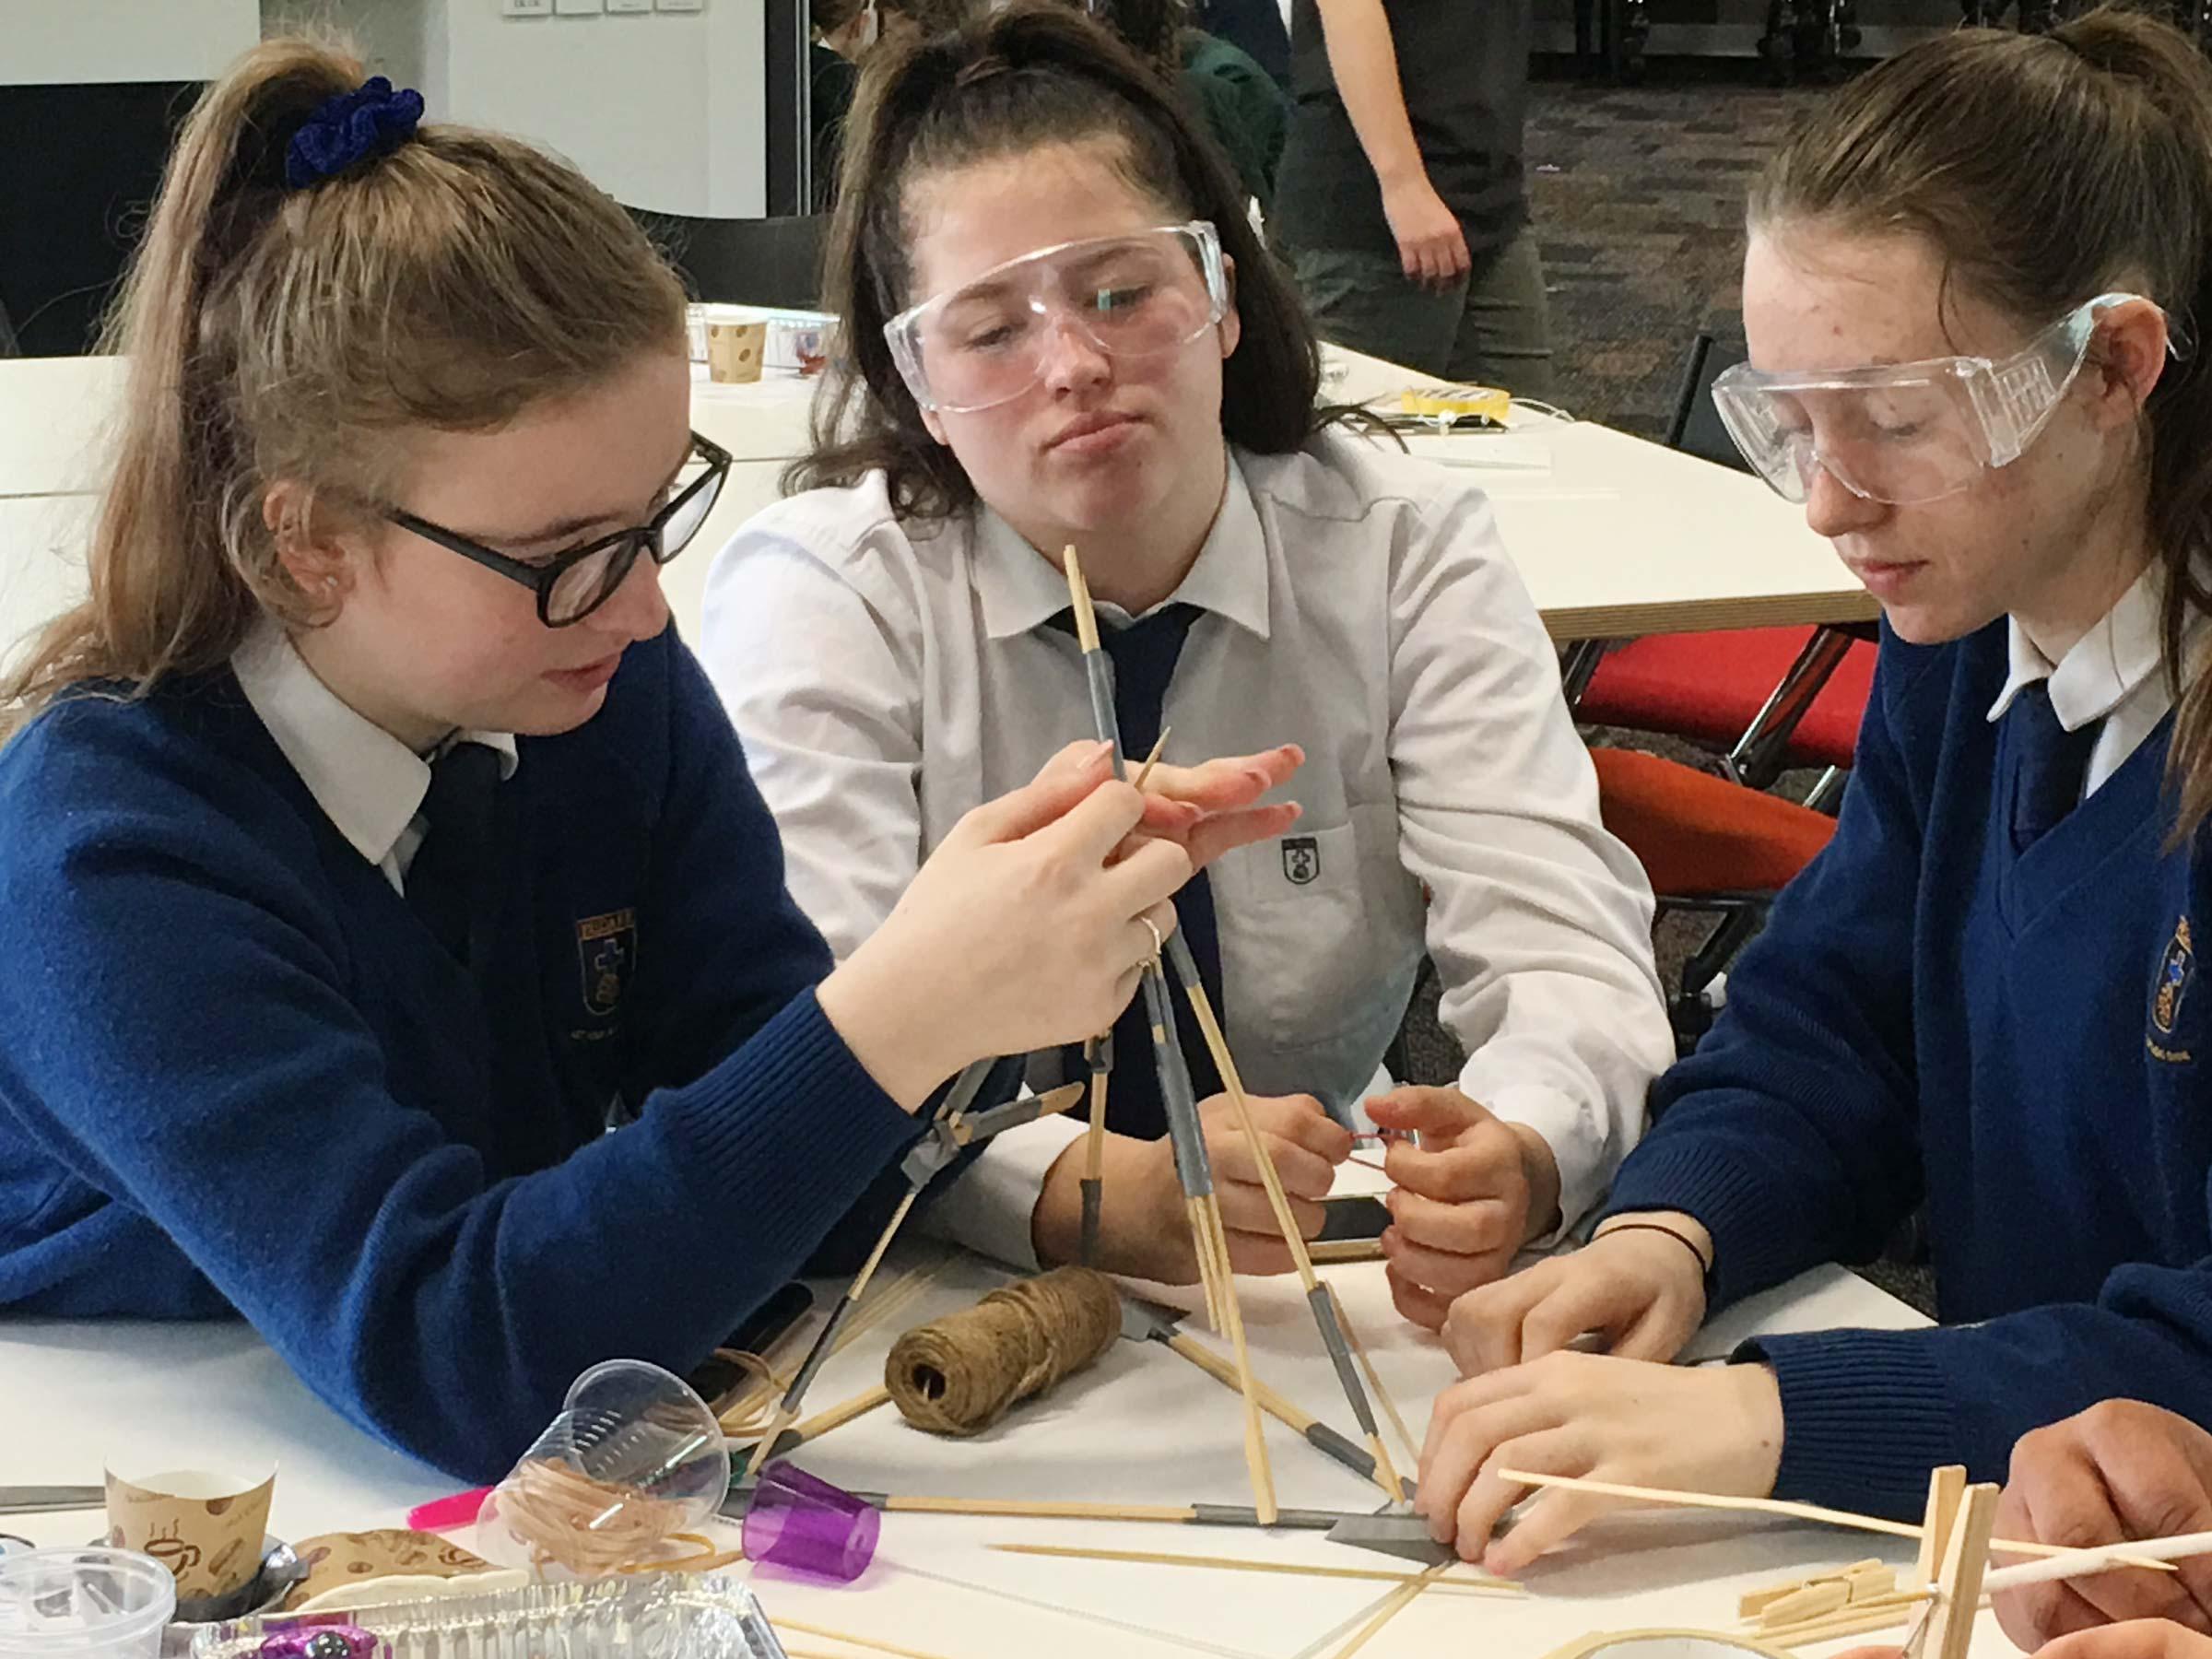 Inspiring-Women-in-STEM-1